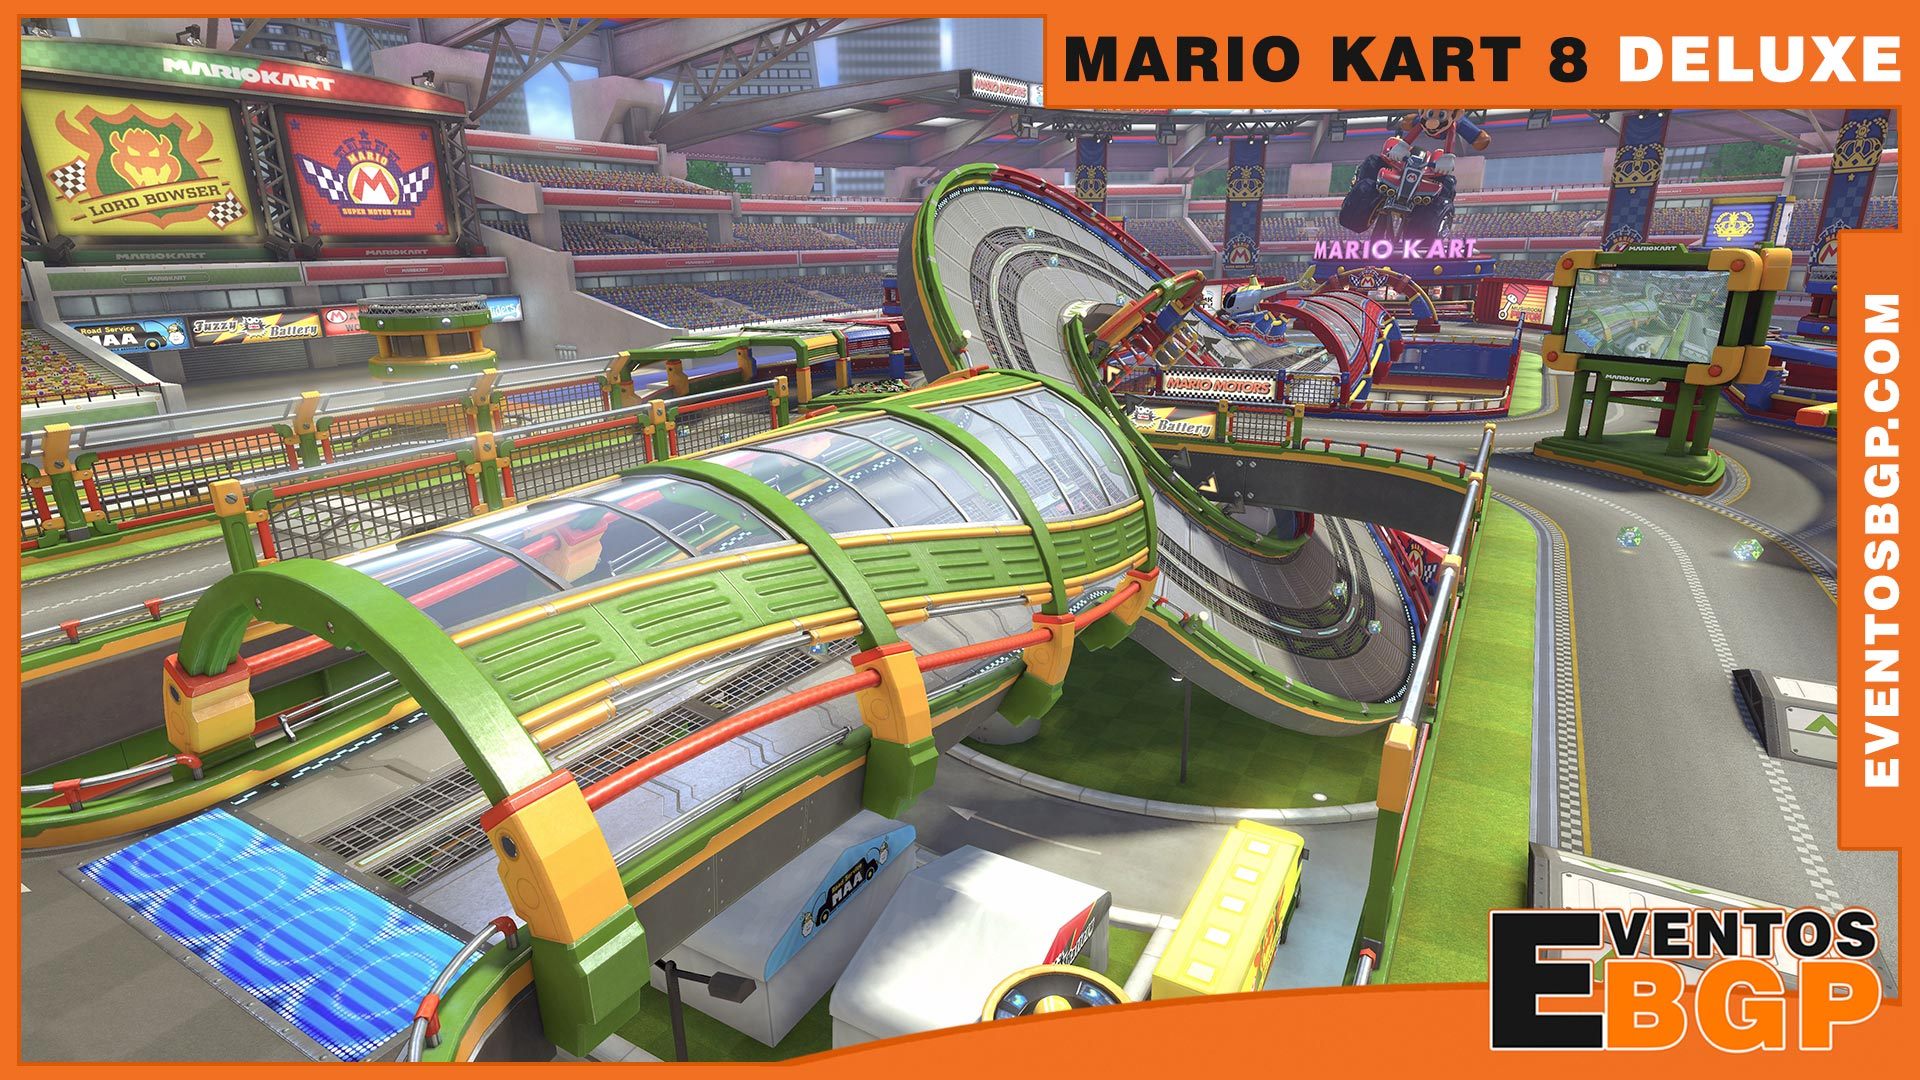 mario kart 8 deluxe wallpaper